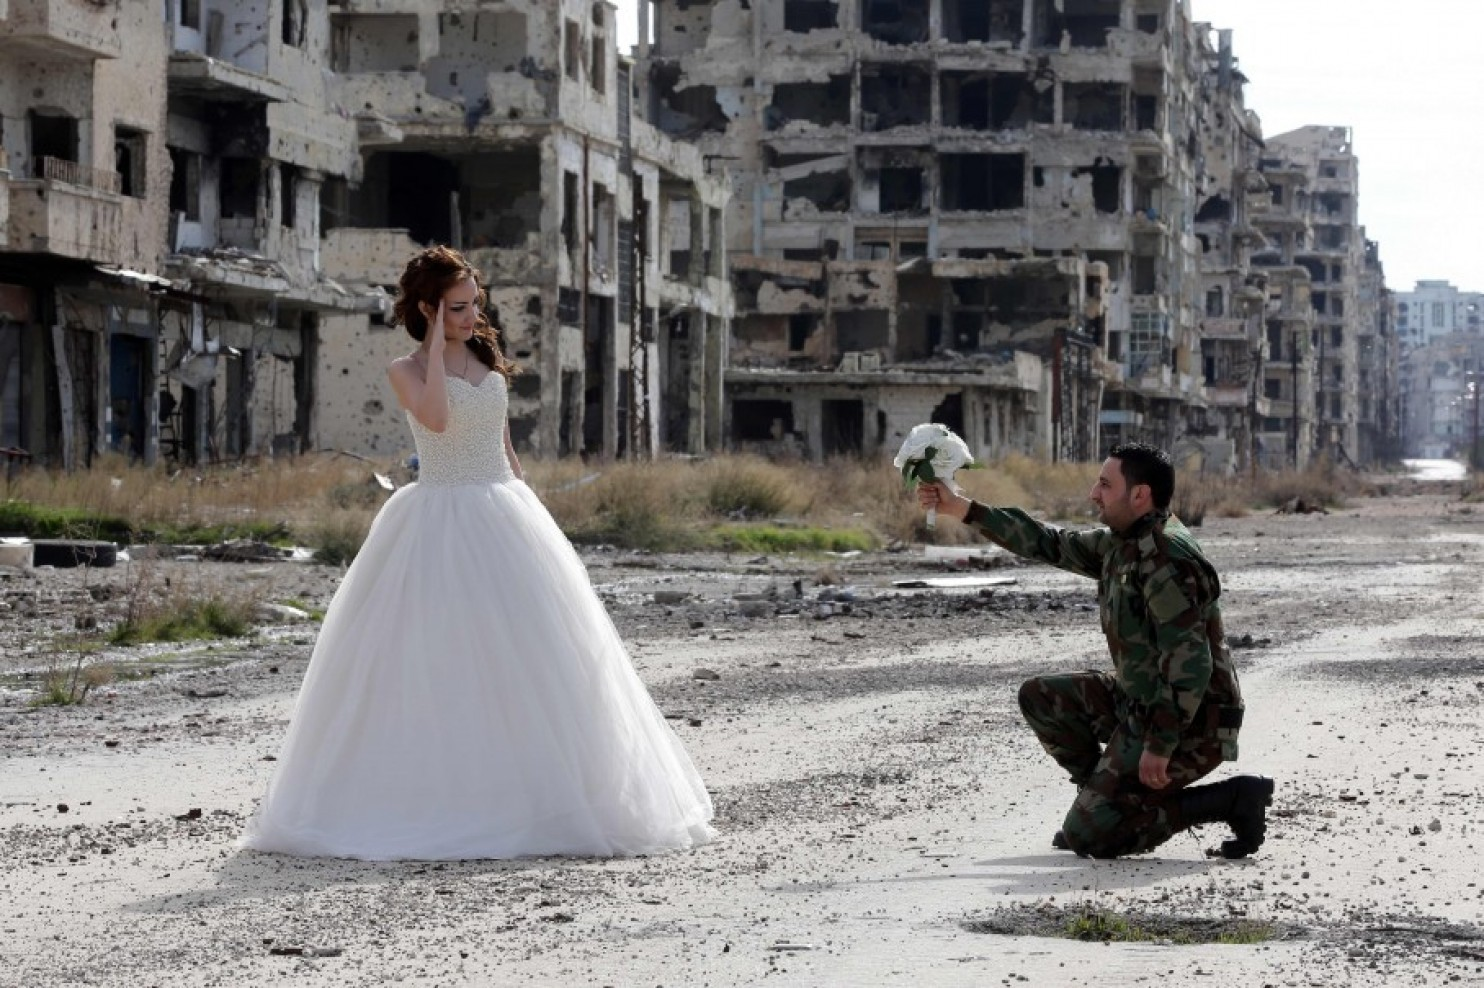 Mariage d'un soldat syrien, dans les ruines de Homs